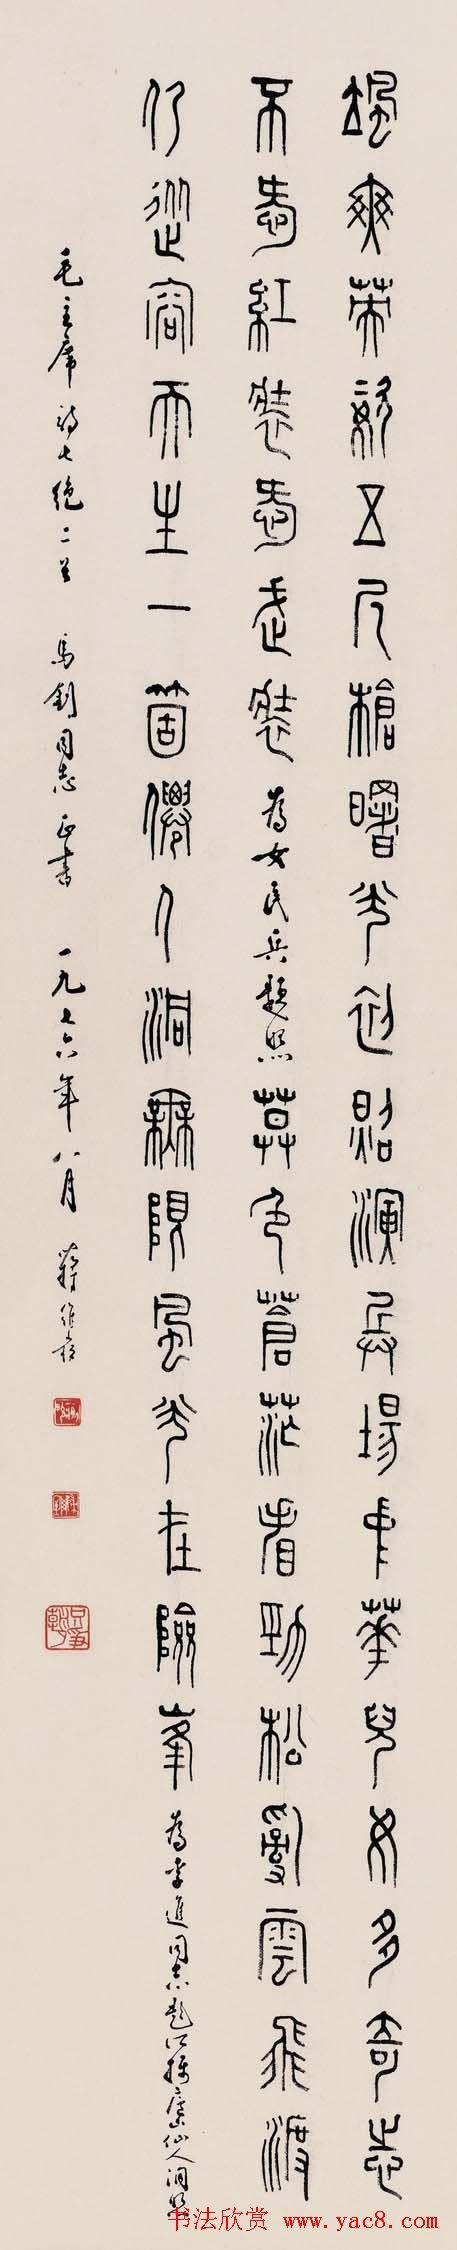 蒋维崧篆书书法作品欣赏 第10页 毛笔书法 书法欣赏